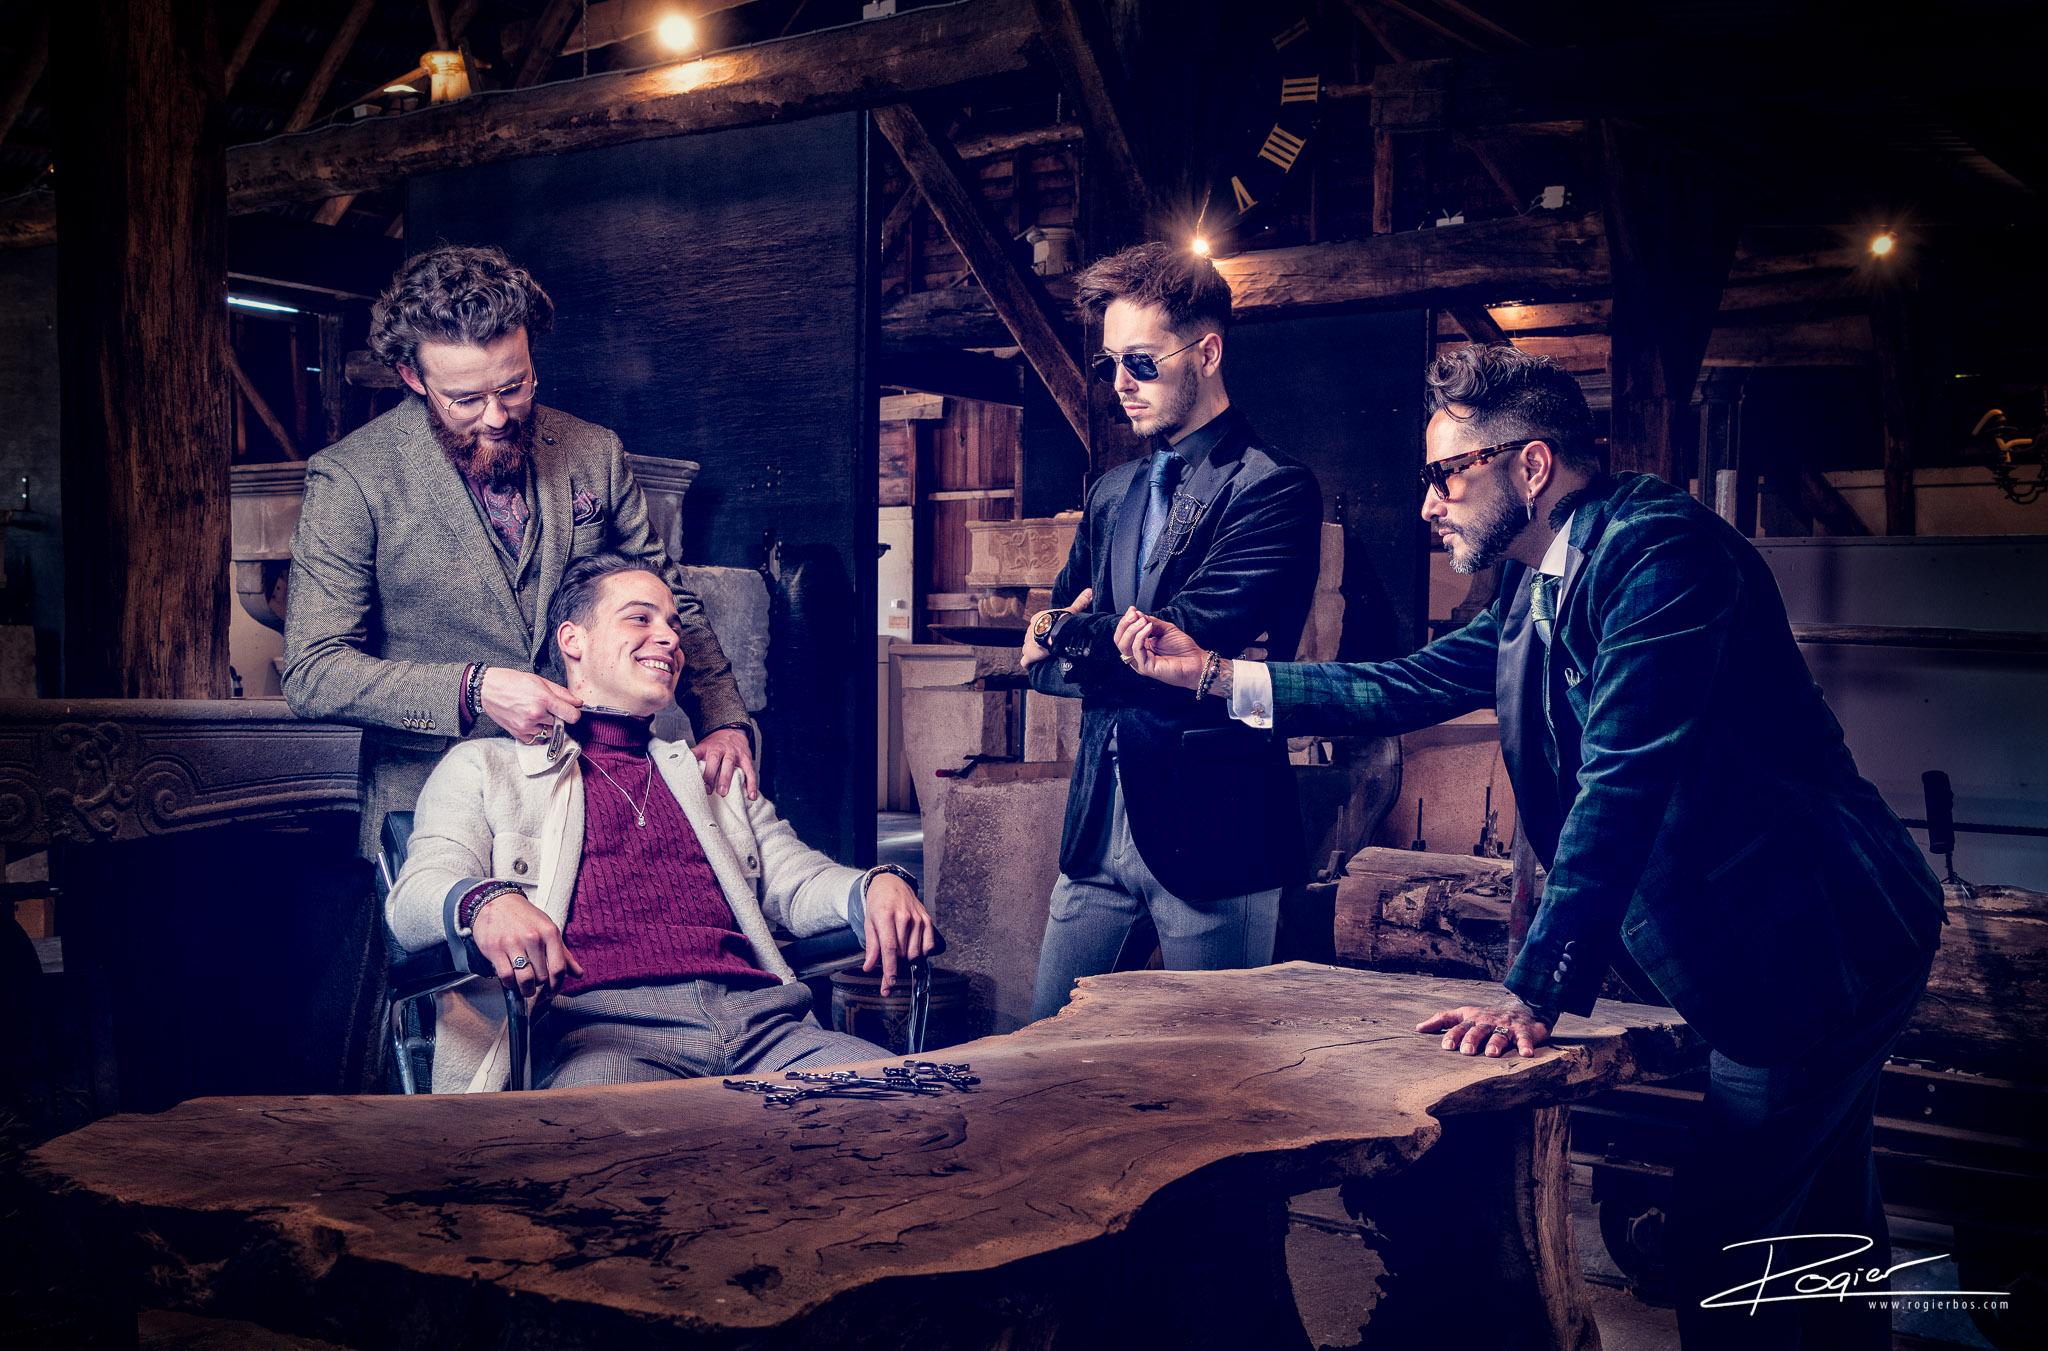 Fashion fotografie - Mafia interrogation met Hype Heroes en Barberstation Den Bosch